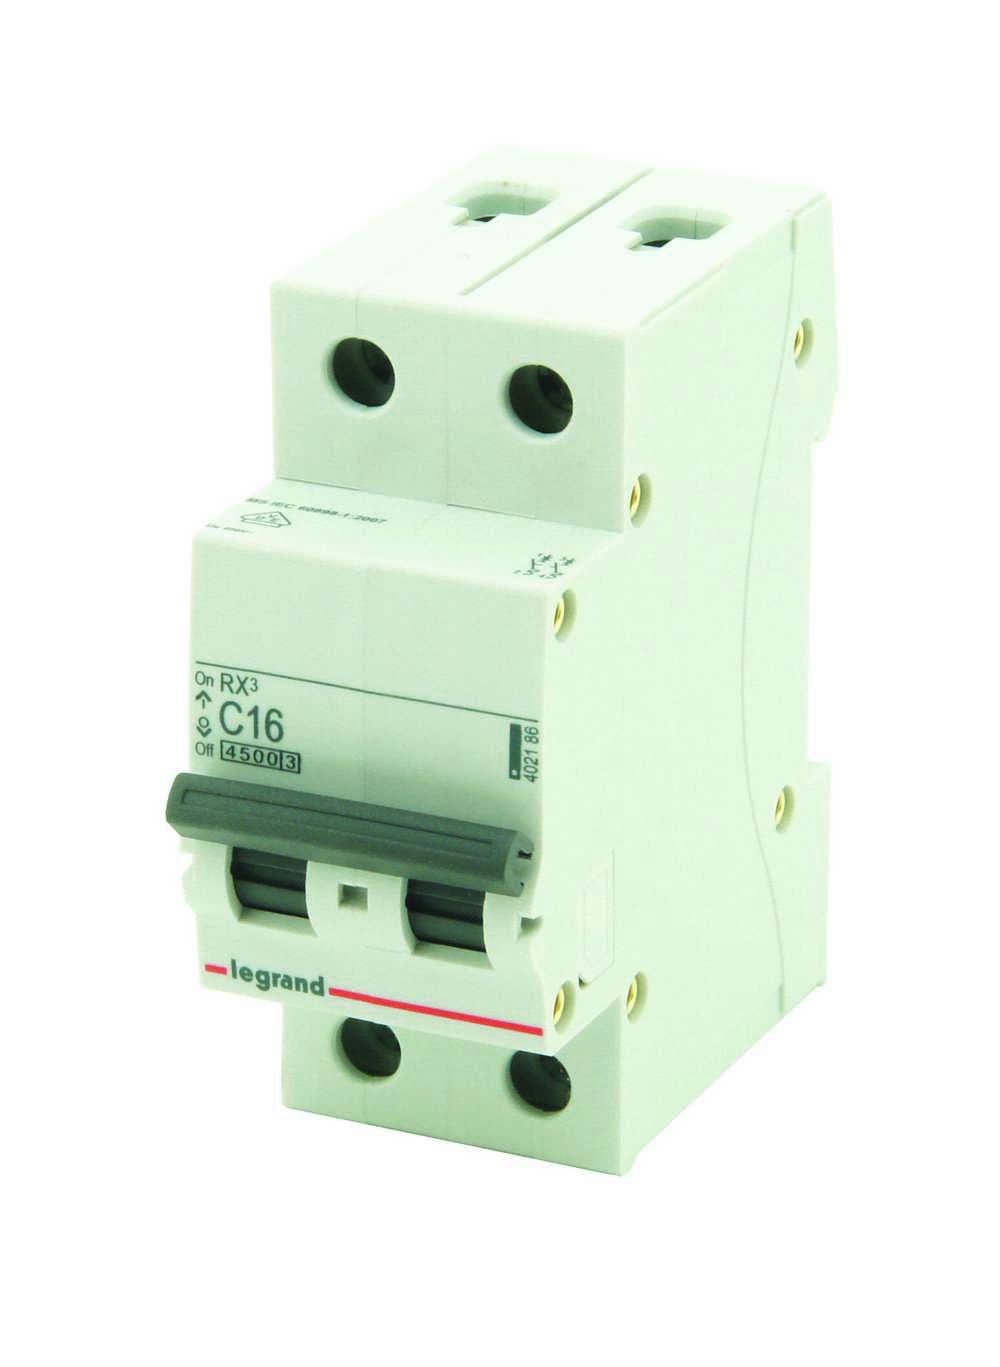 Sokkelautomaat Rx3 2p 4500a C16